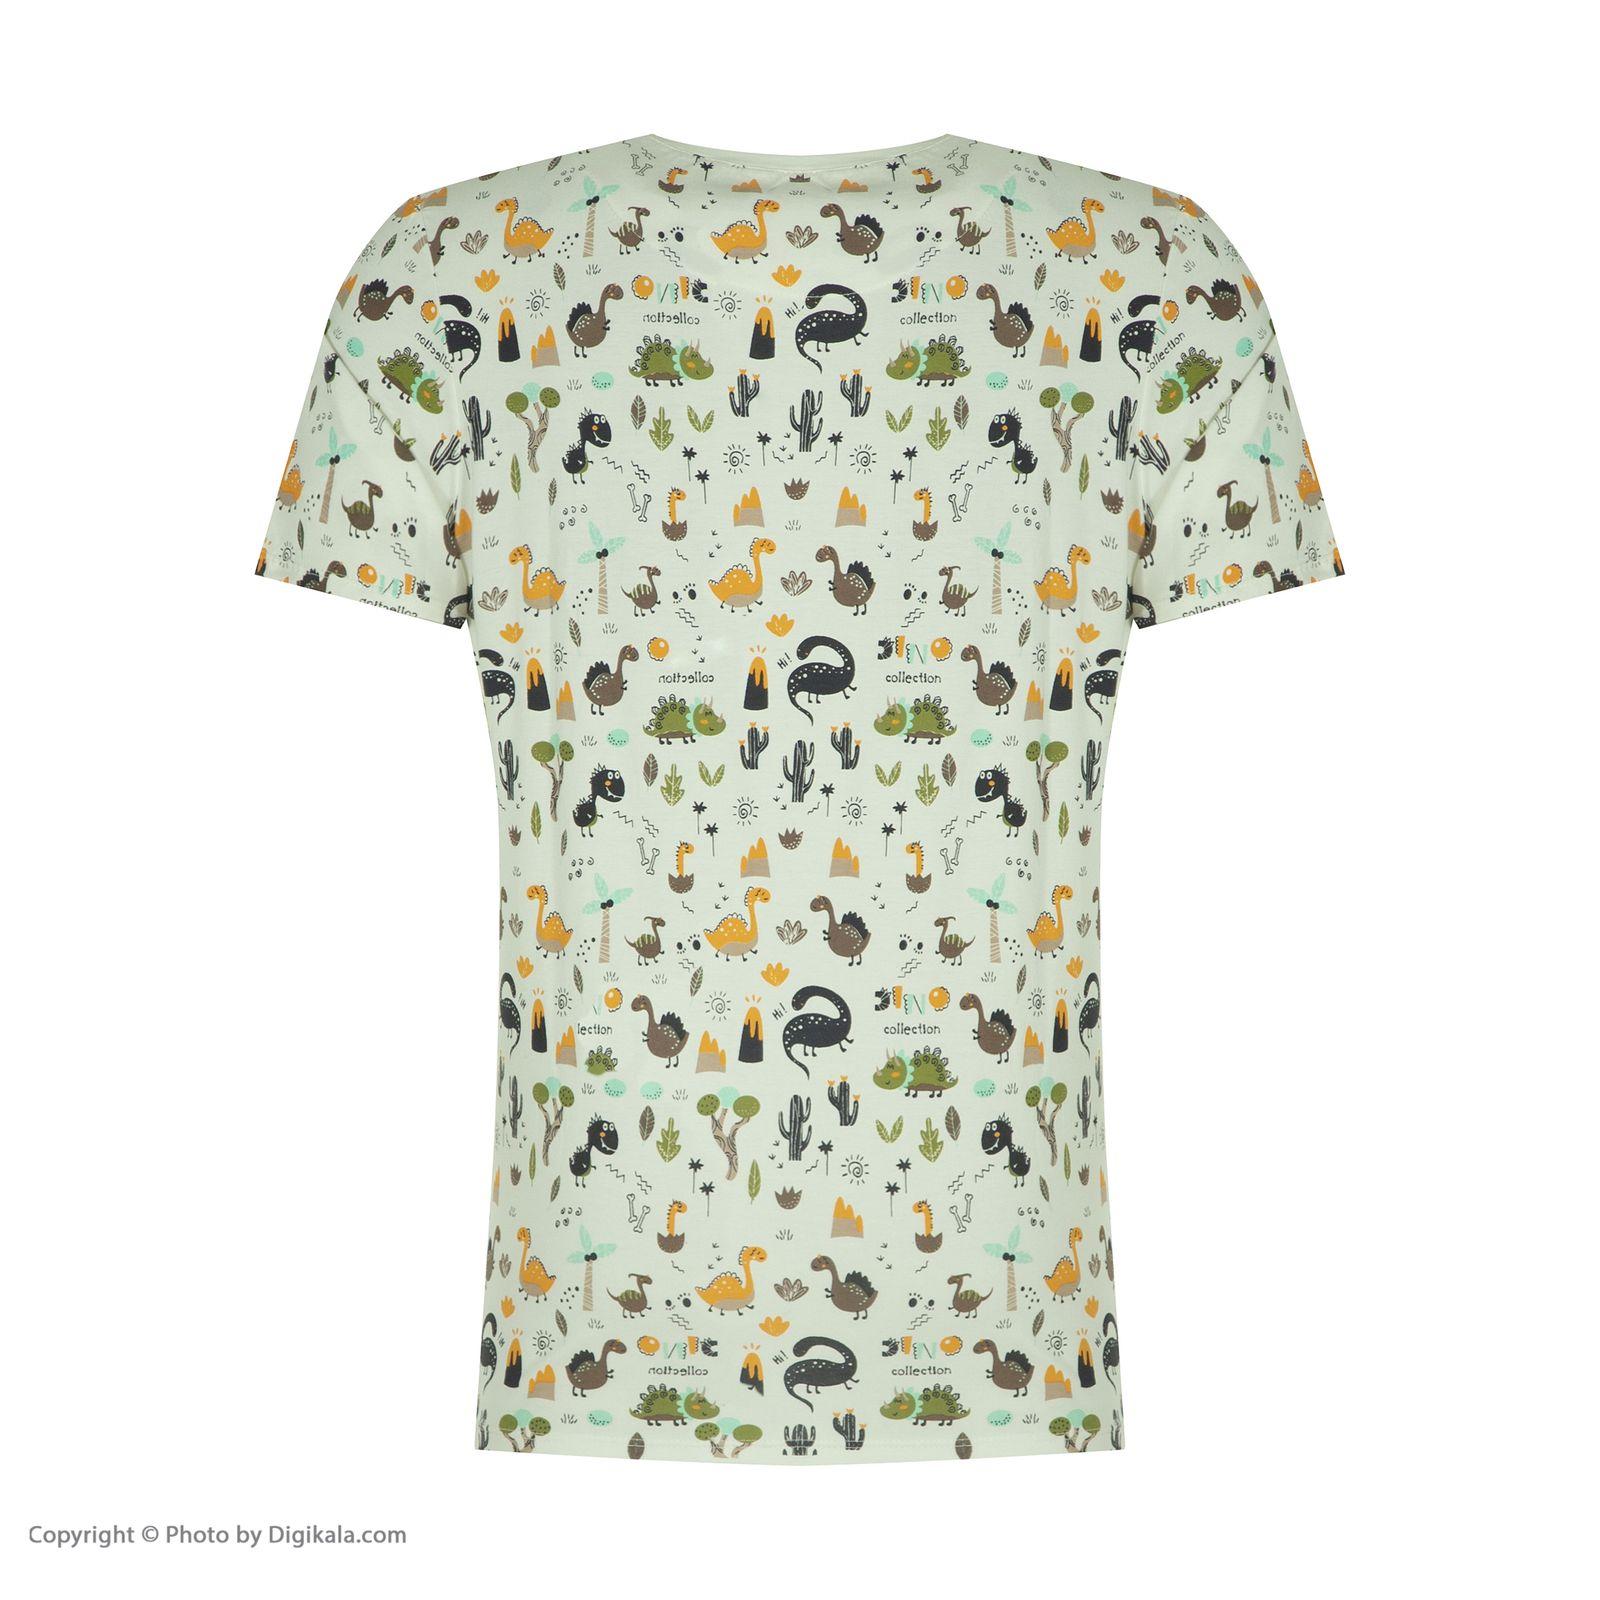 ست تی شرت و شلوارک راحتی مردانه مادر مدل 2041110-74 -  - 6